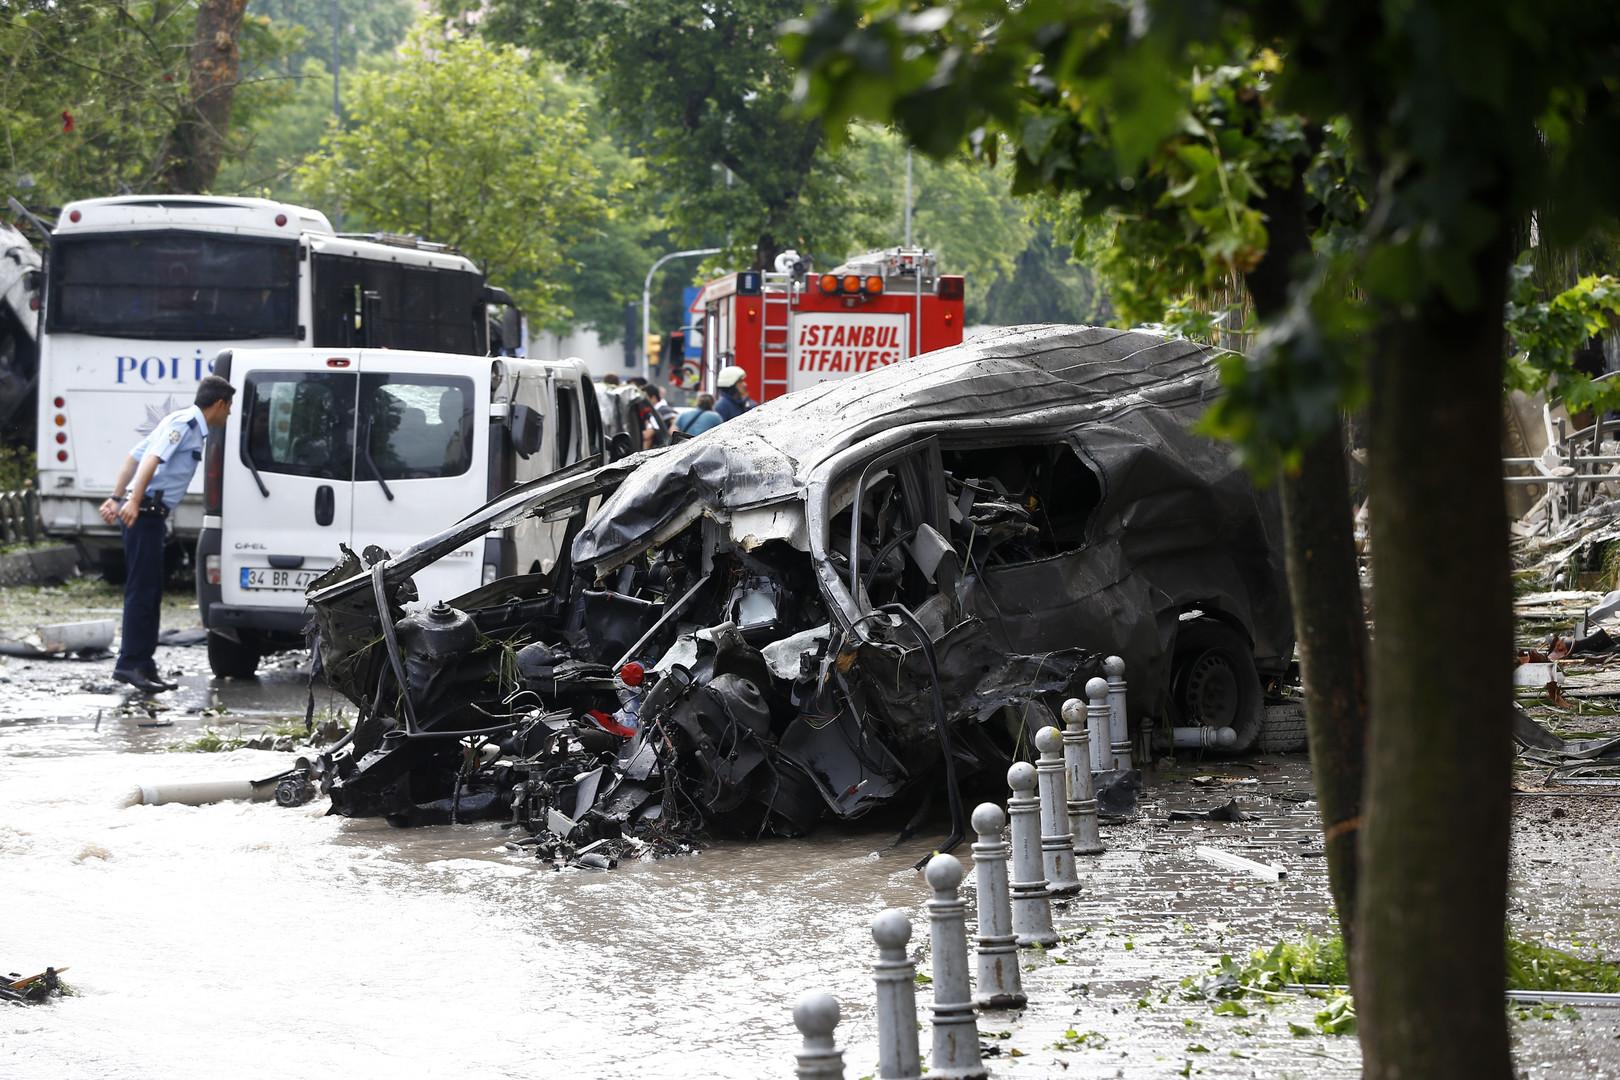 Turquie : 11 morts et 36 blessés dans une explosion près d'un arrêt de bus à Istanbul